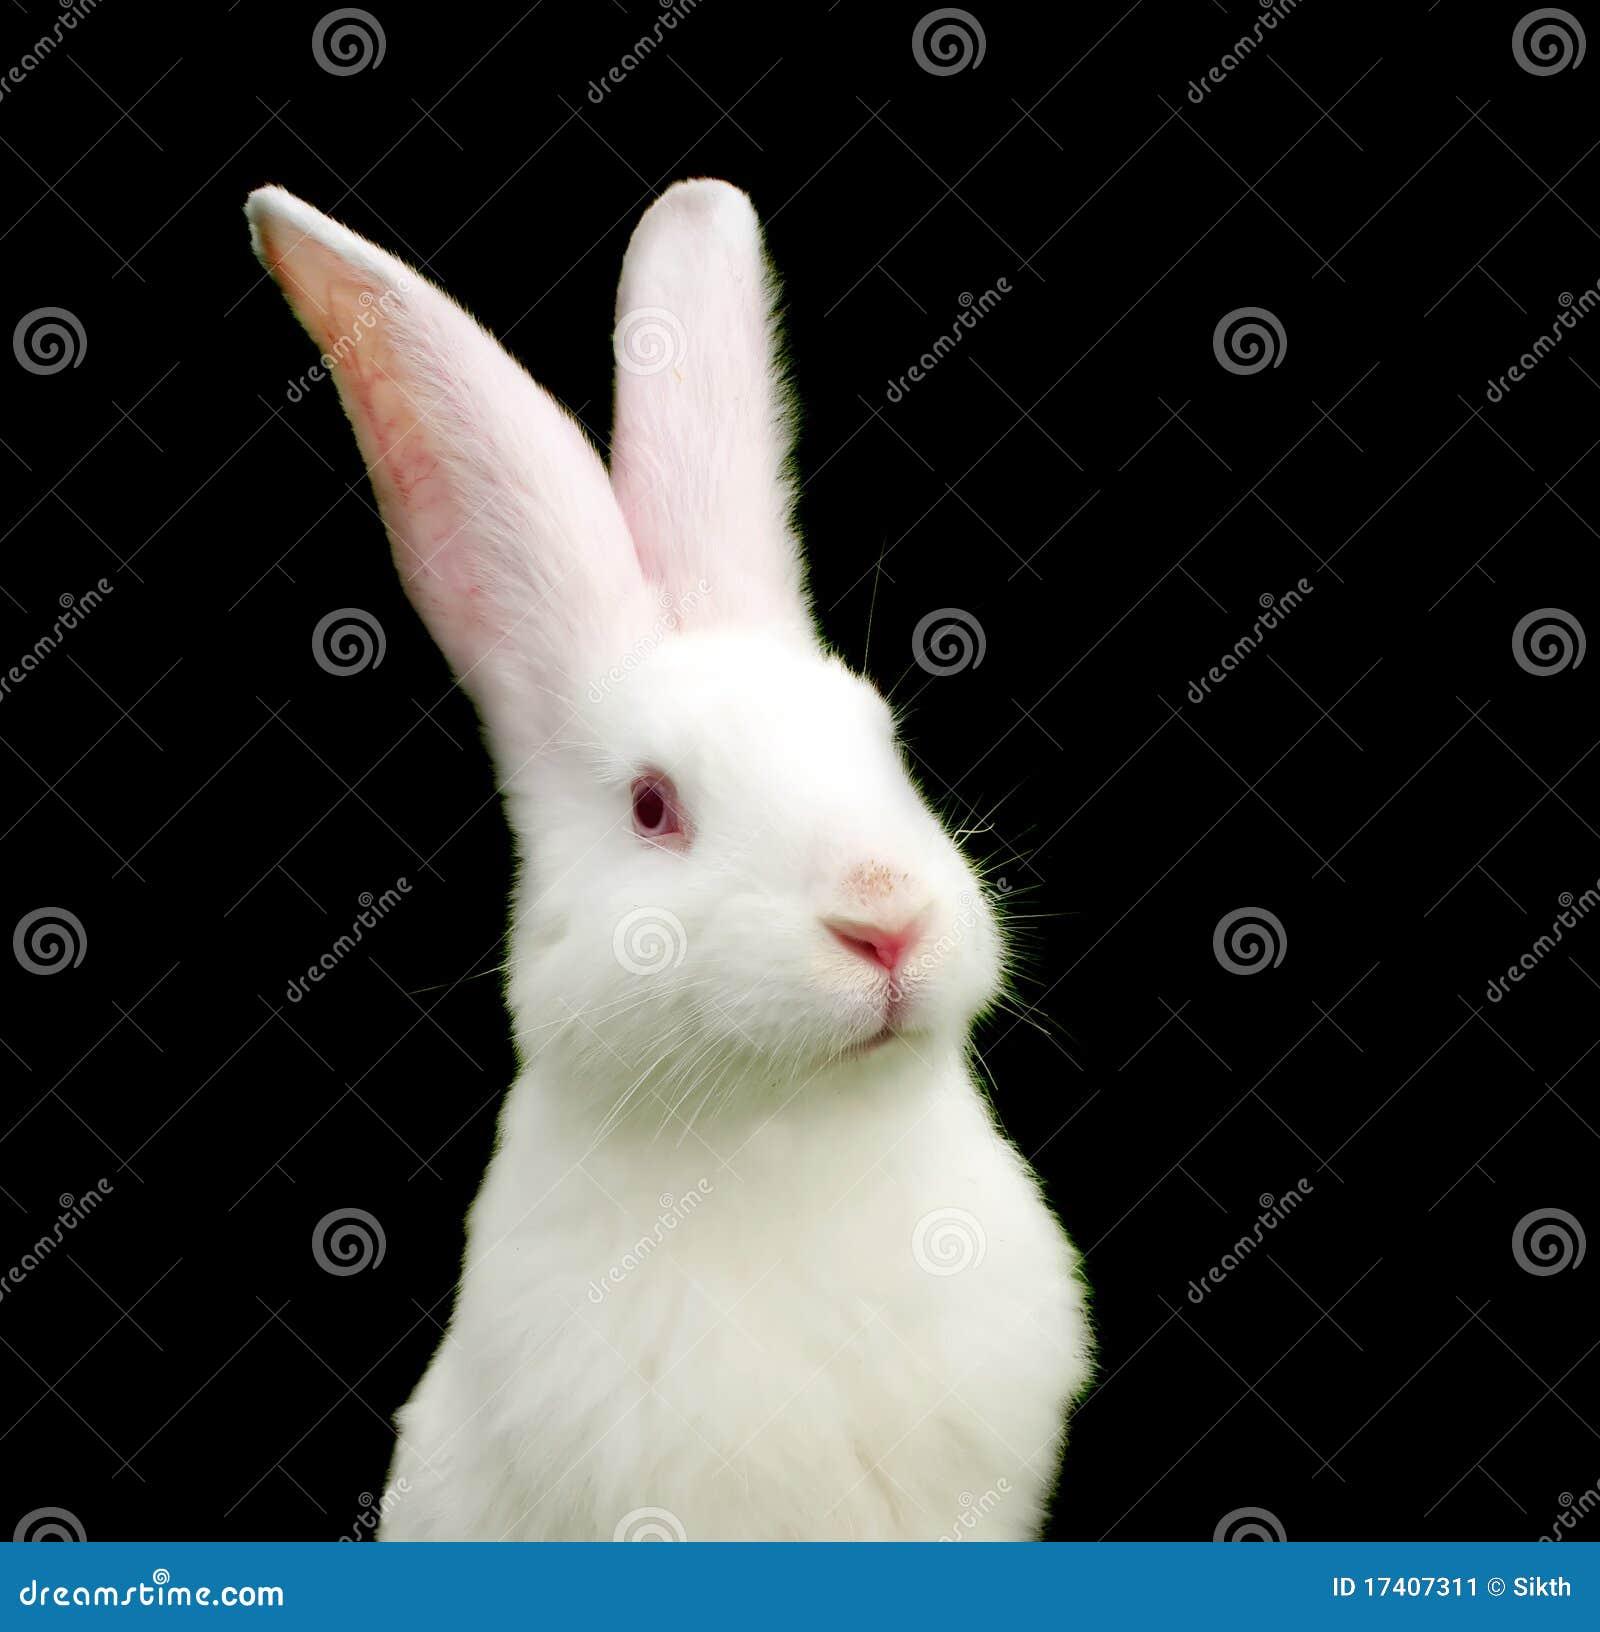 White Rabbit On Black Background Stock Image Image Of Baby Bunny